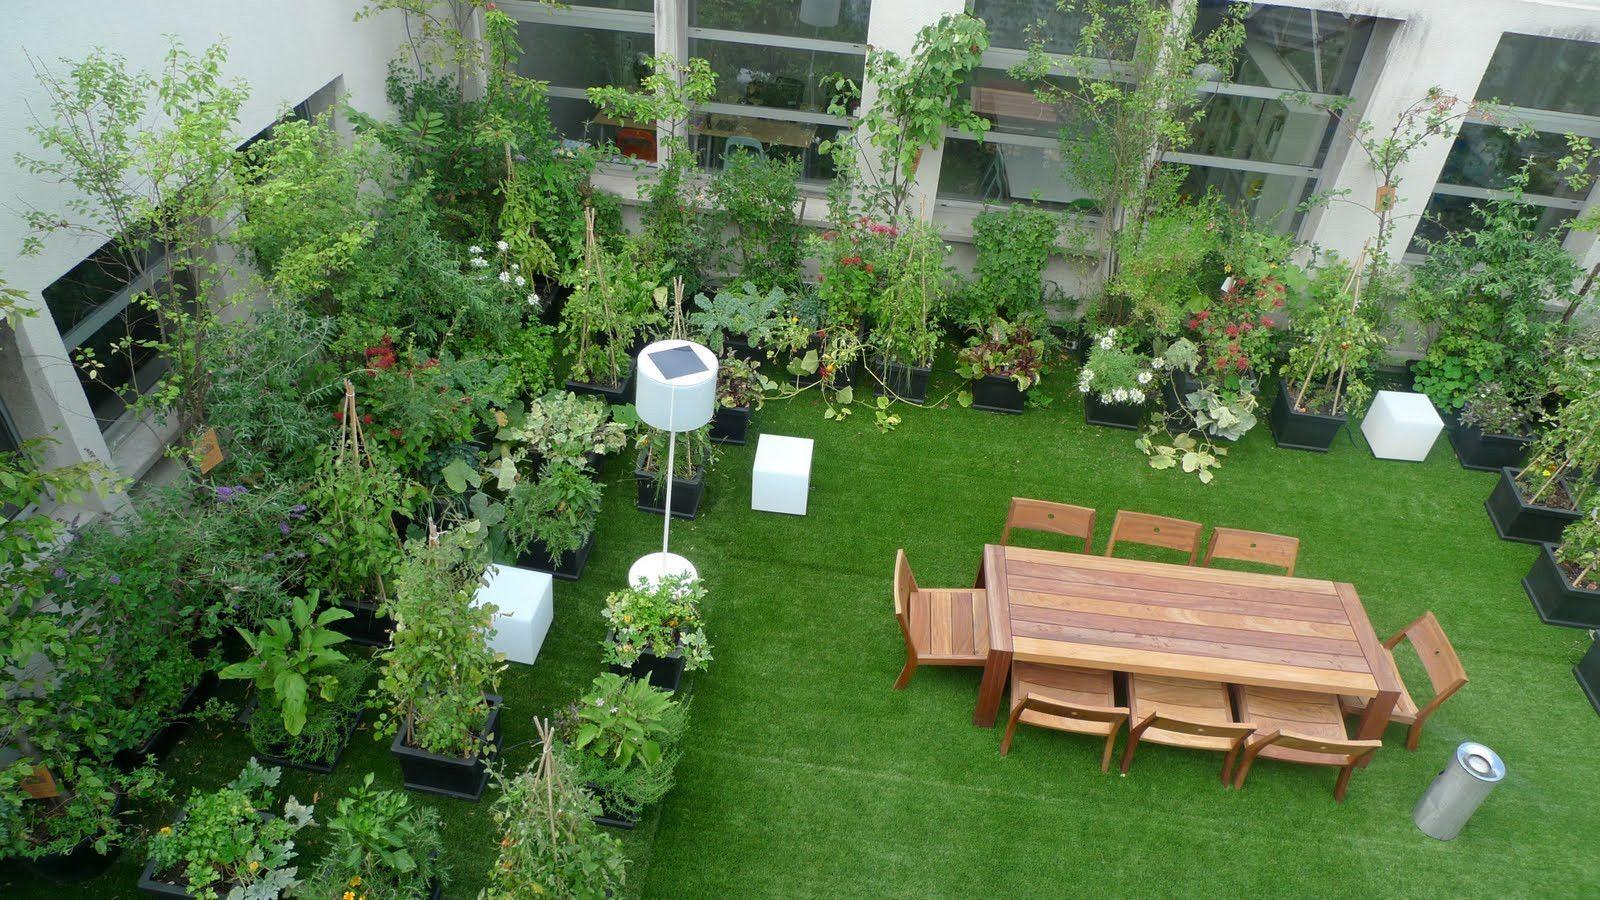 Rooftop Garden Easy To Install Rooftop Gardens Terrace Gardens India By High Easy Garden Gard In 2020 Roof Garden Design Backyard Garden Design Rooftop Garden